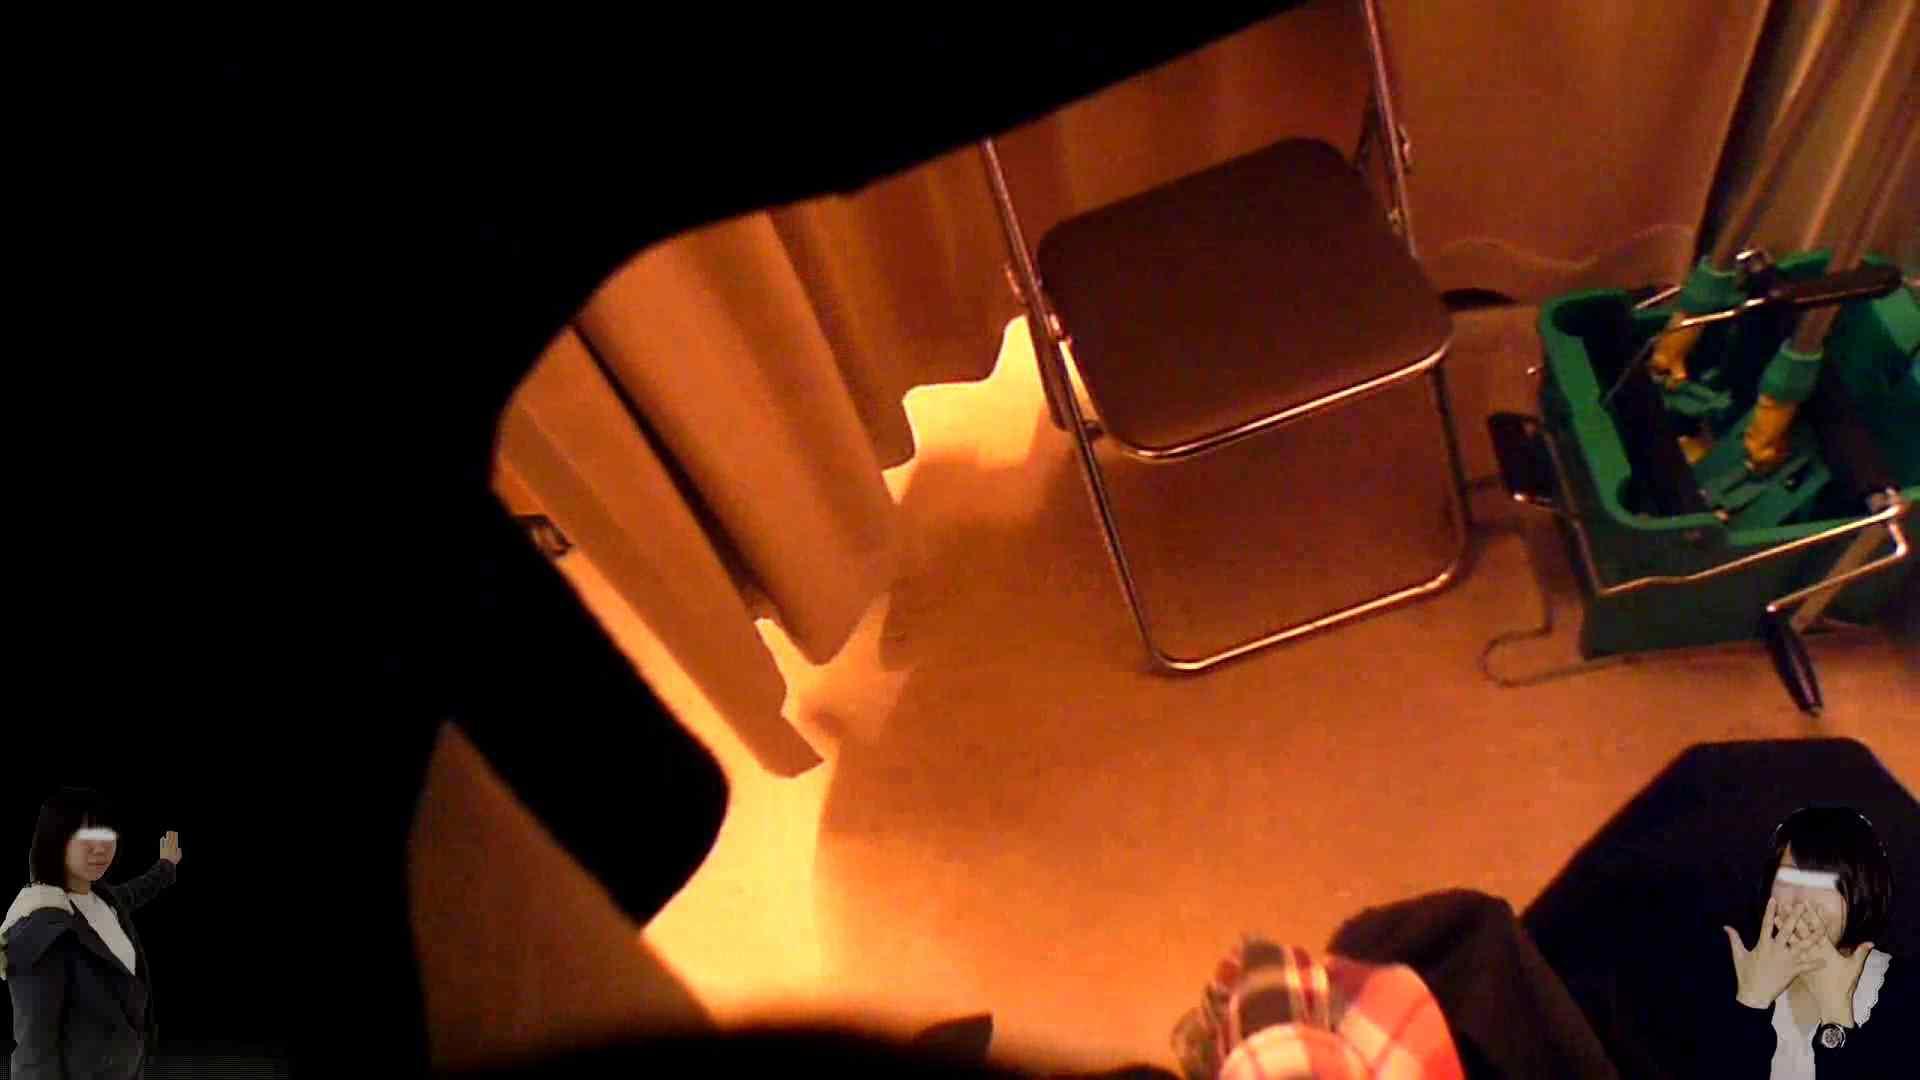 素人投稿 現役「JD」Eちゃんの着替え Vol.04 素人エロ投稿 盗撮動画紹介 60画像 3